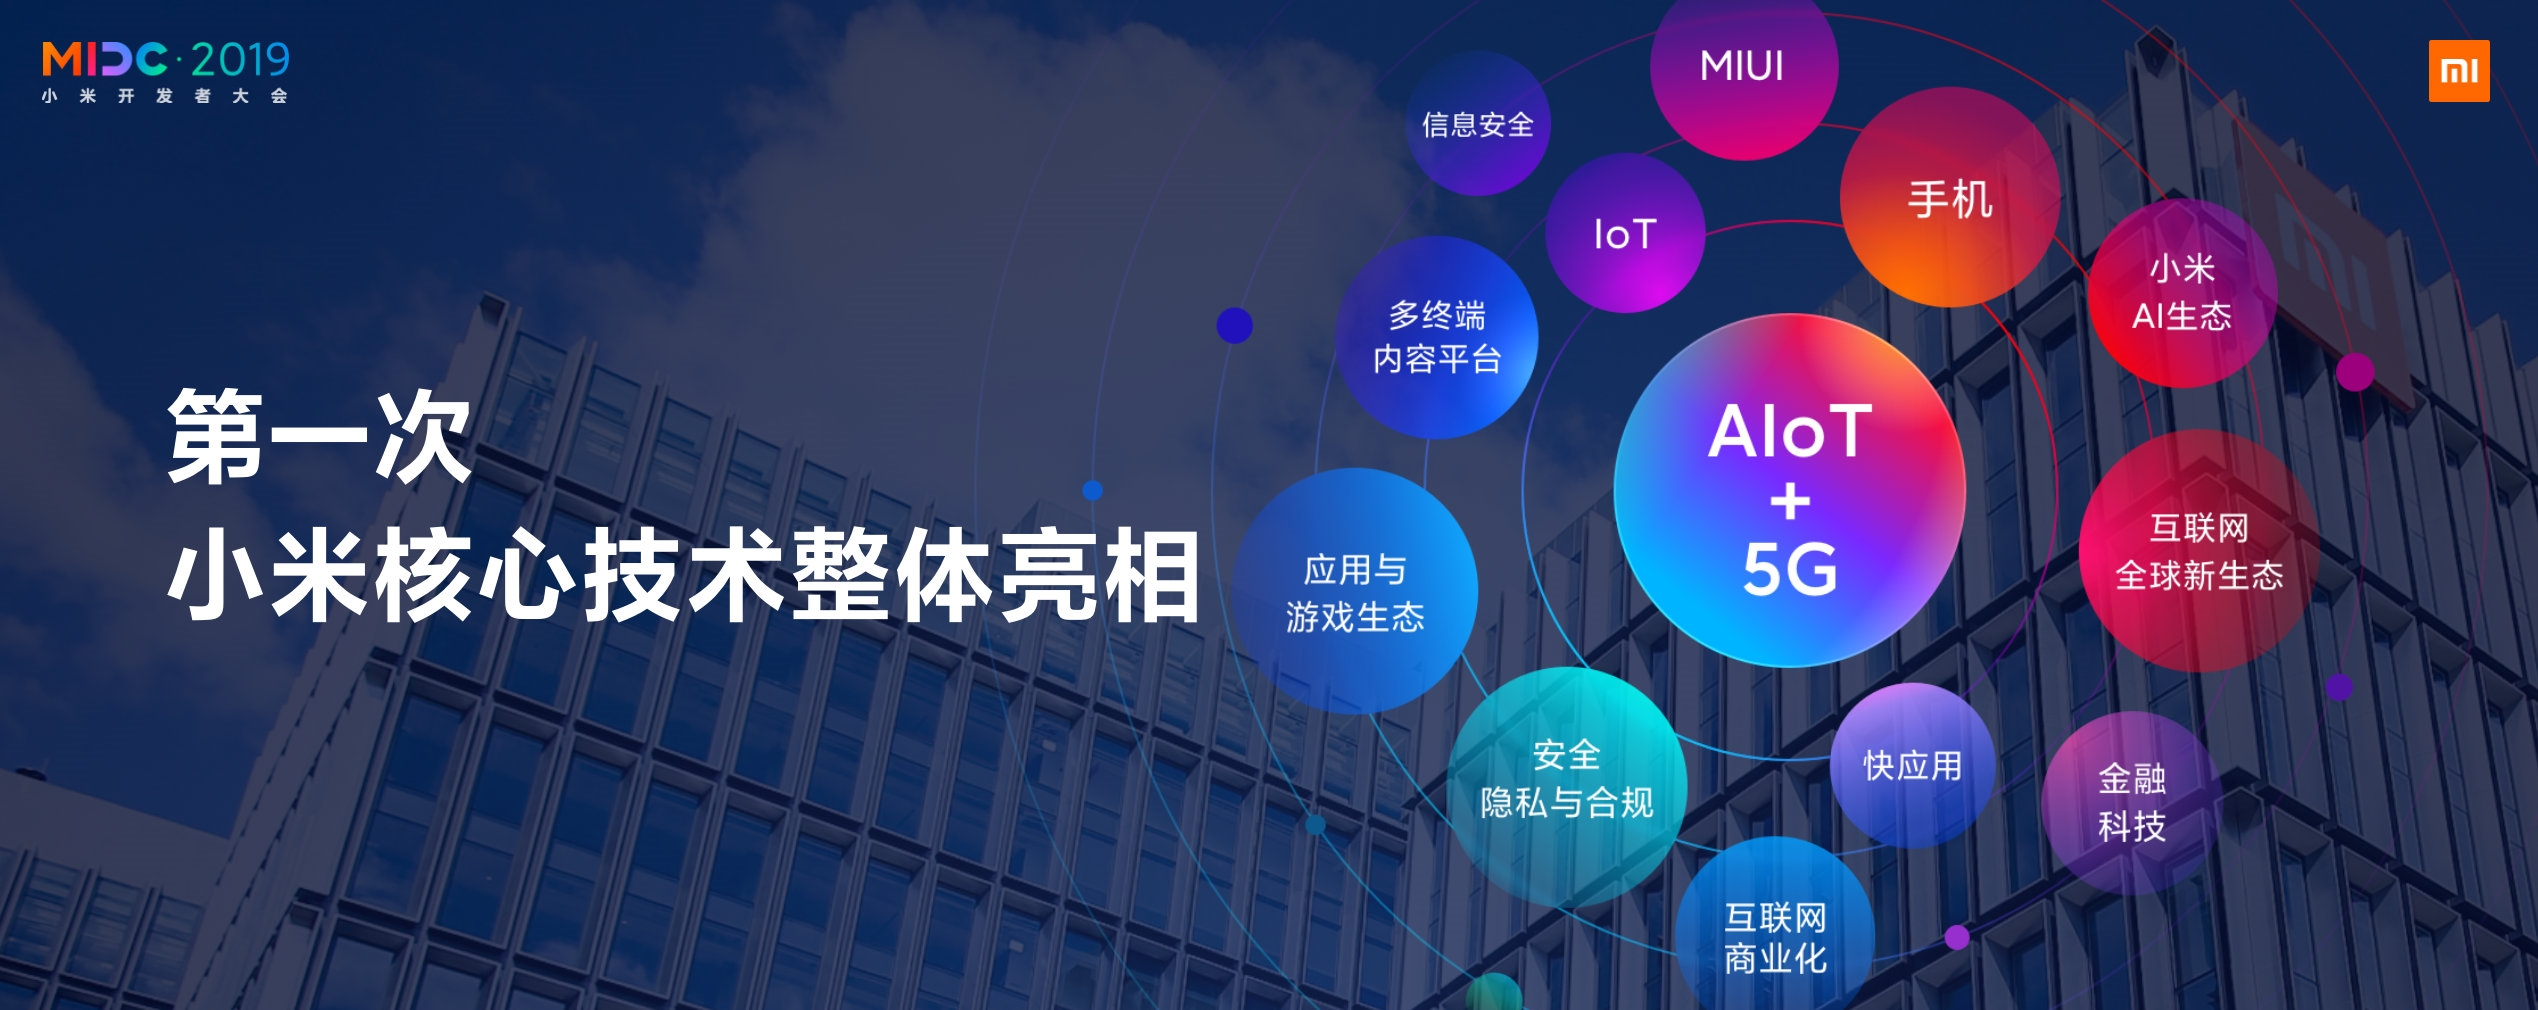 小米核心技术第一次集体亮相 MIX Alpha细节公开